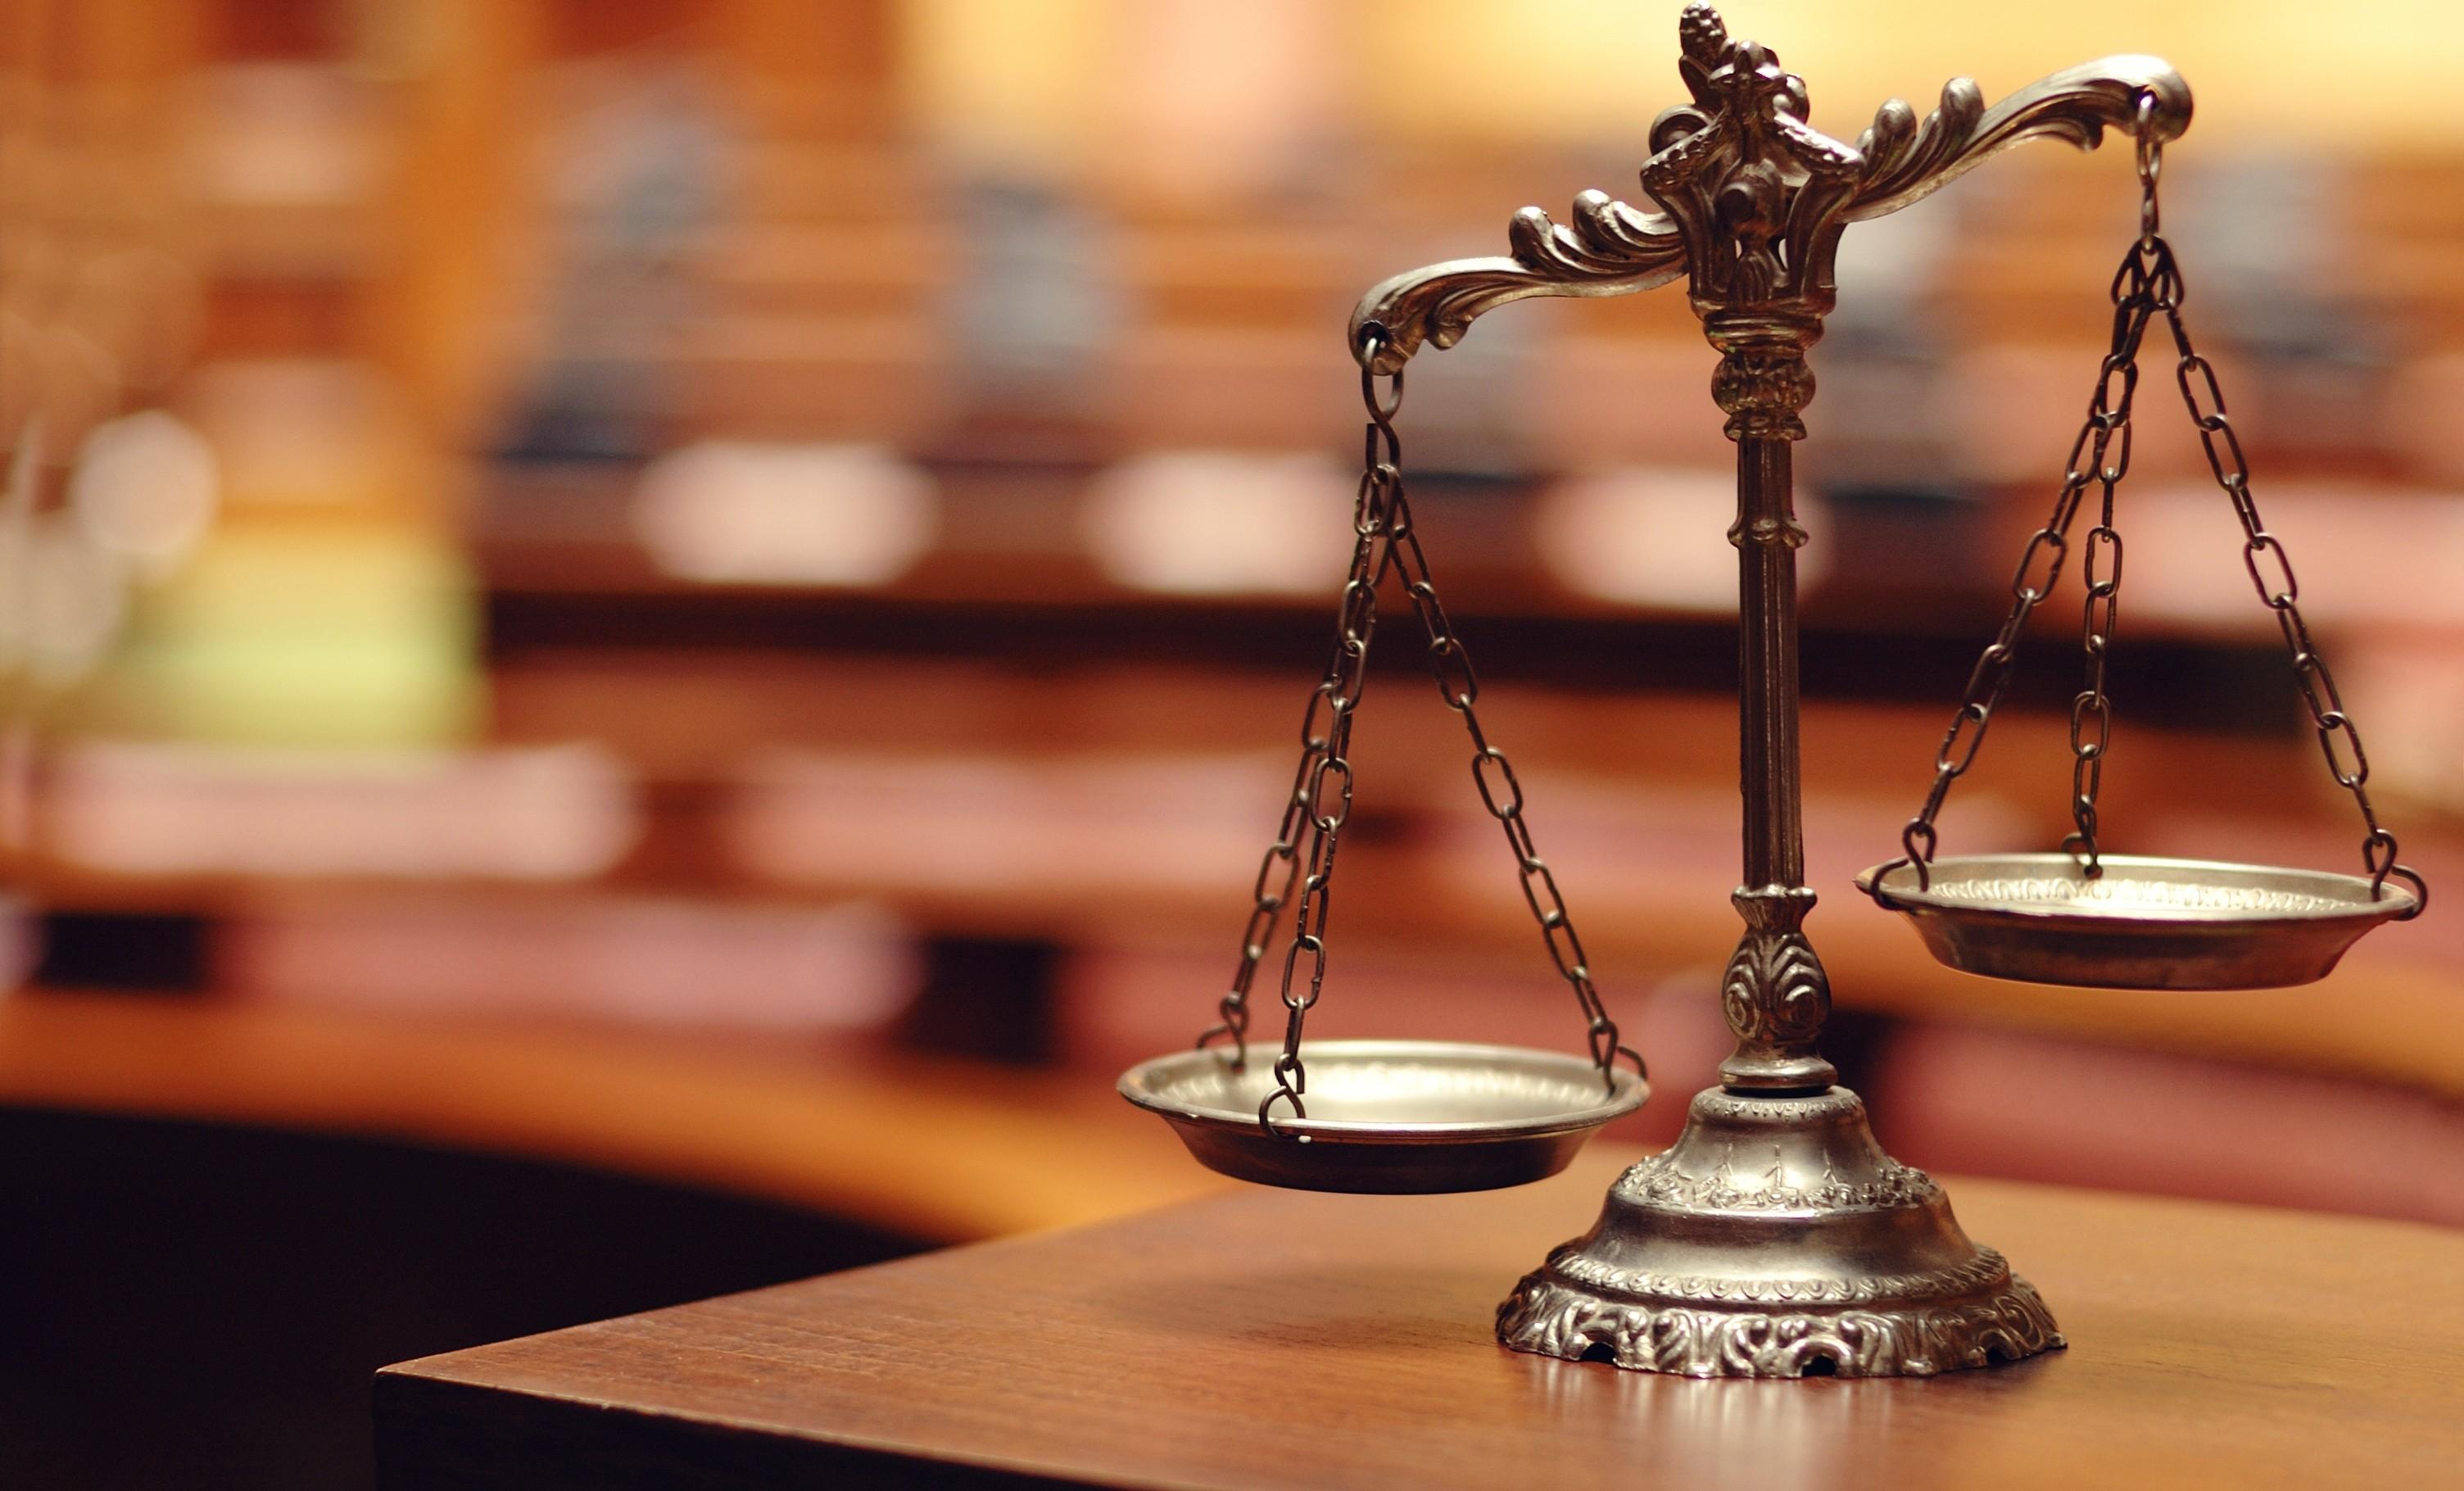 دستورالعمل تنظیم بازار پسماند در نشست ۴۶۴ شورای رقابت به تصویب رسید